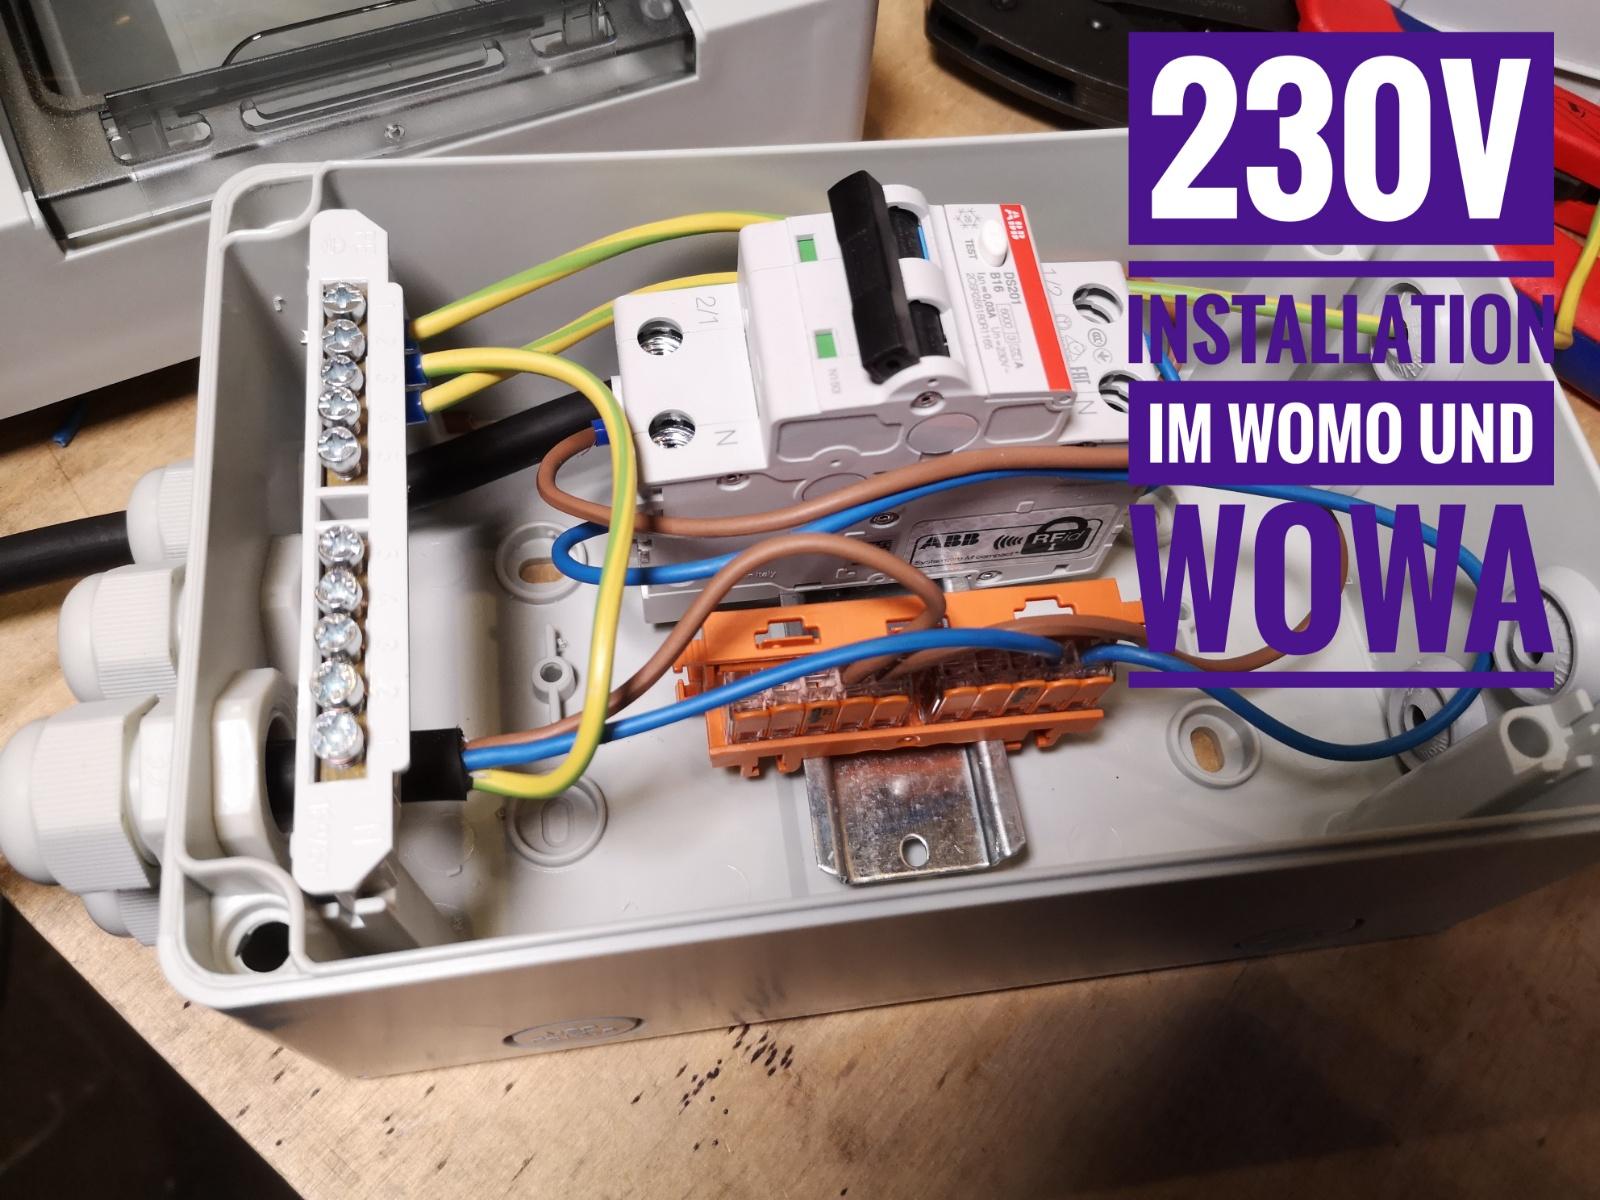 230v installation im wohnmobil und wohnwagen  inverter